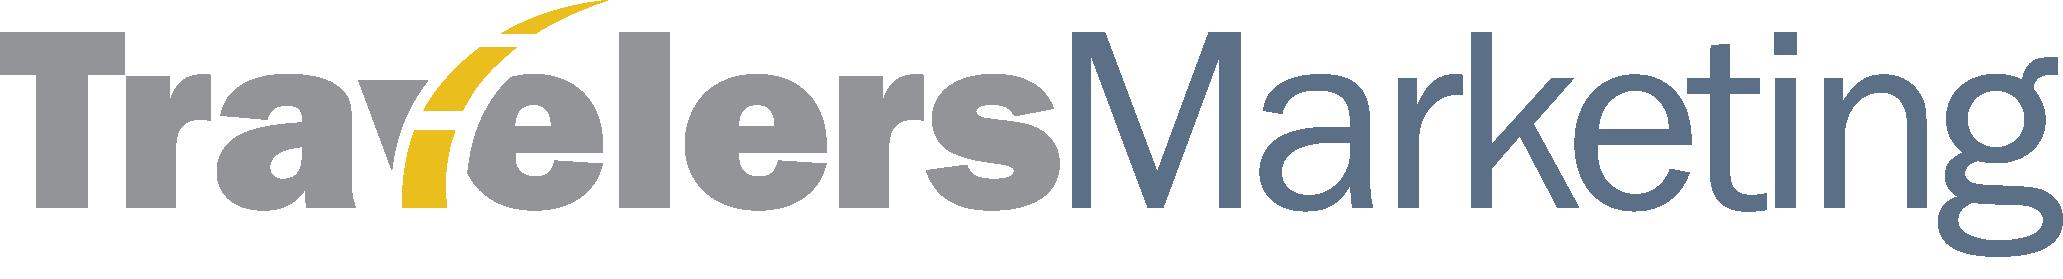 TM_Logo_2018_RGB.png